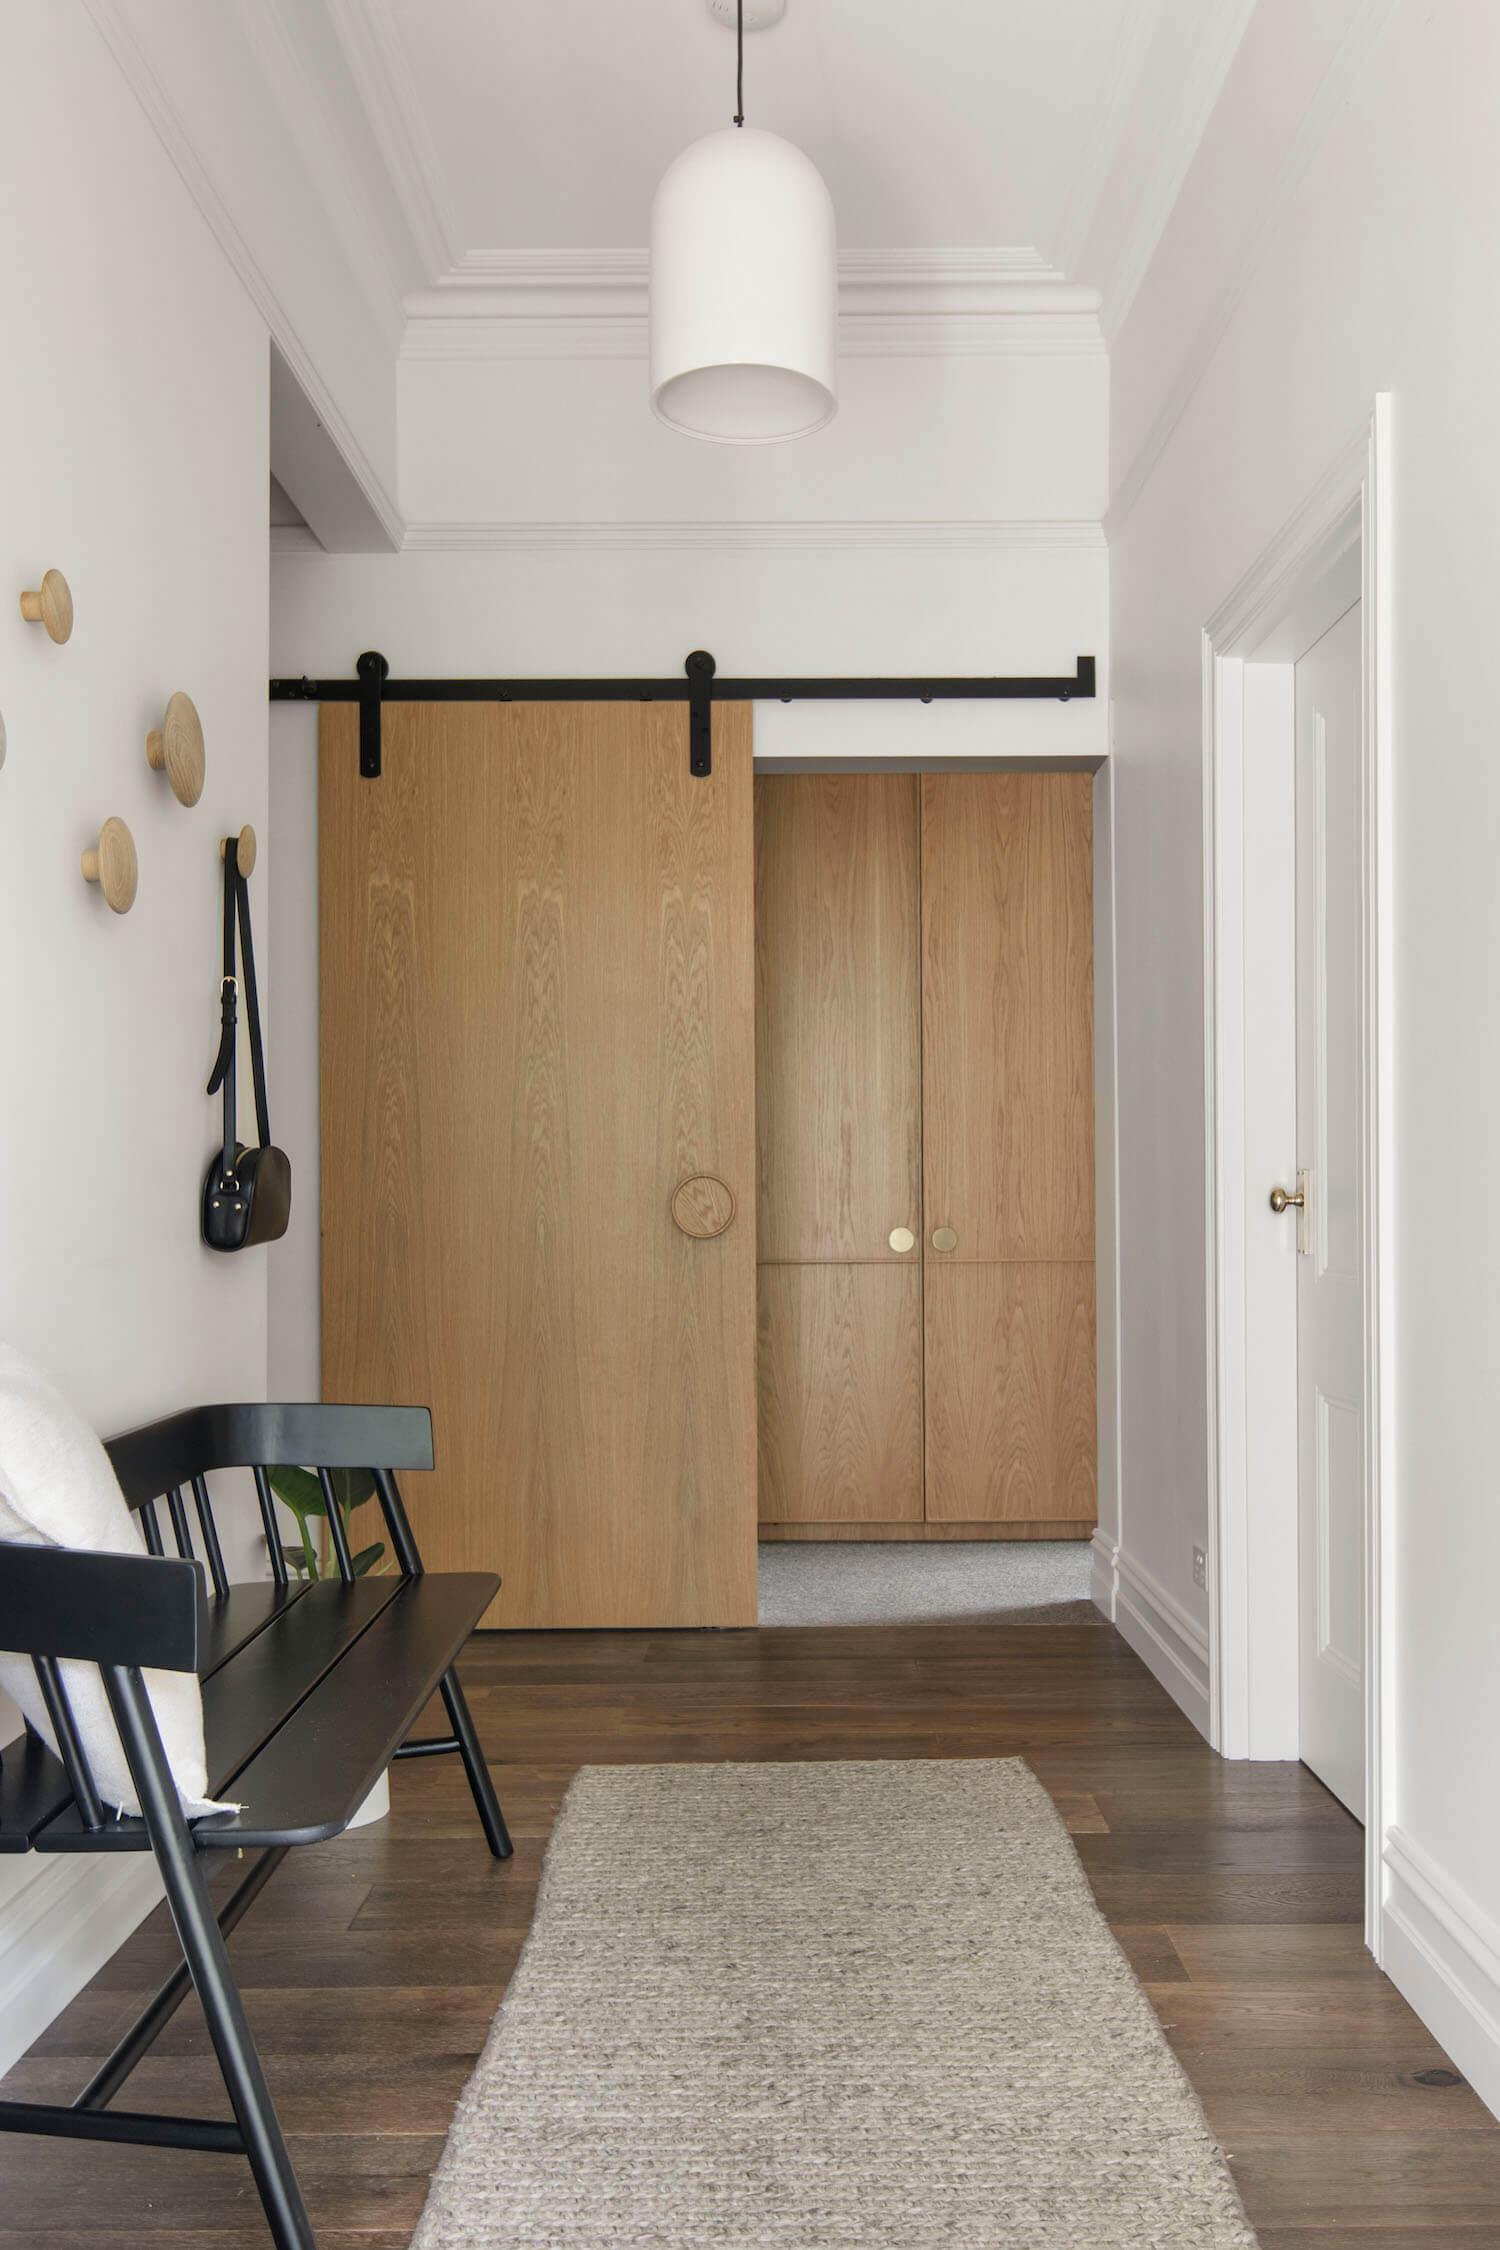 est living australian interiors cjh design rosebery home 16